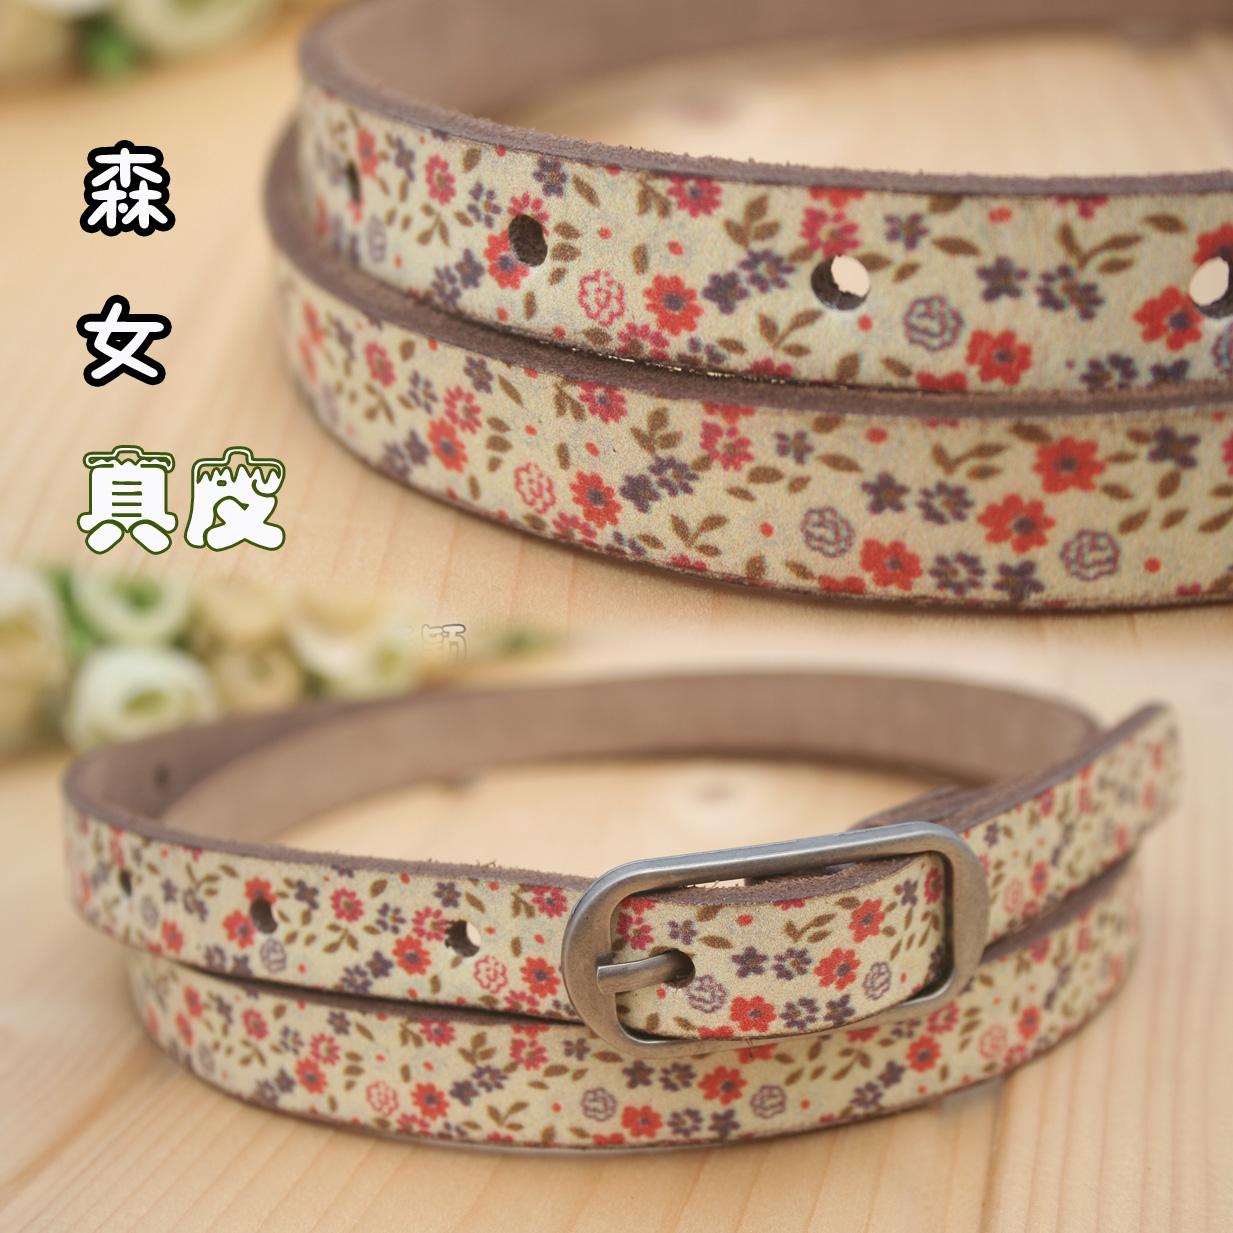 Ремень Мори девушка печати пояса 1,8 см пастырское живописи изысканные свежие цветочные кожи пояса галстук пояса кожаные женщина